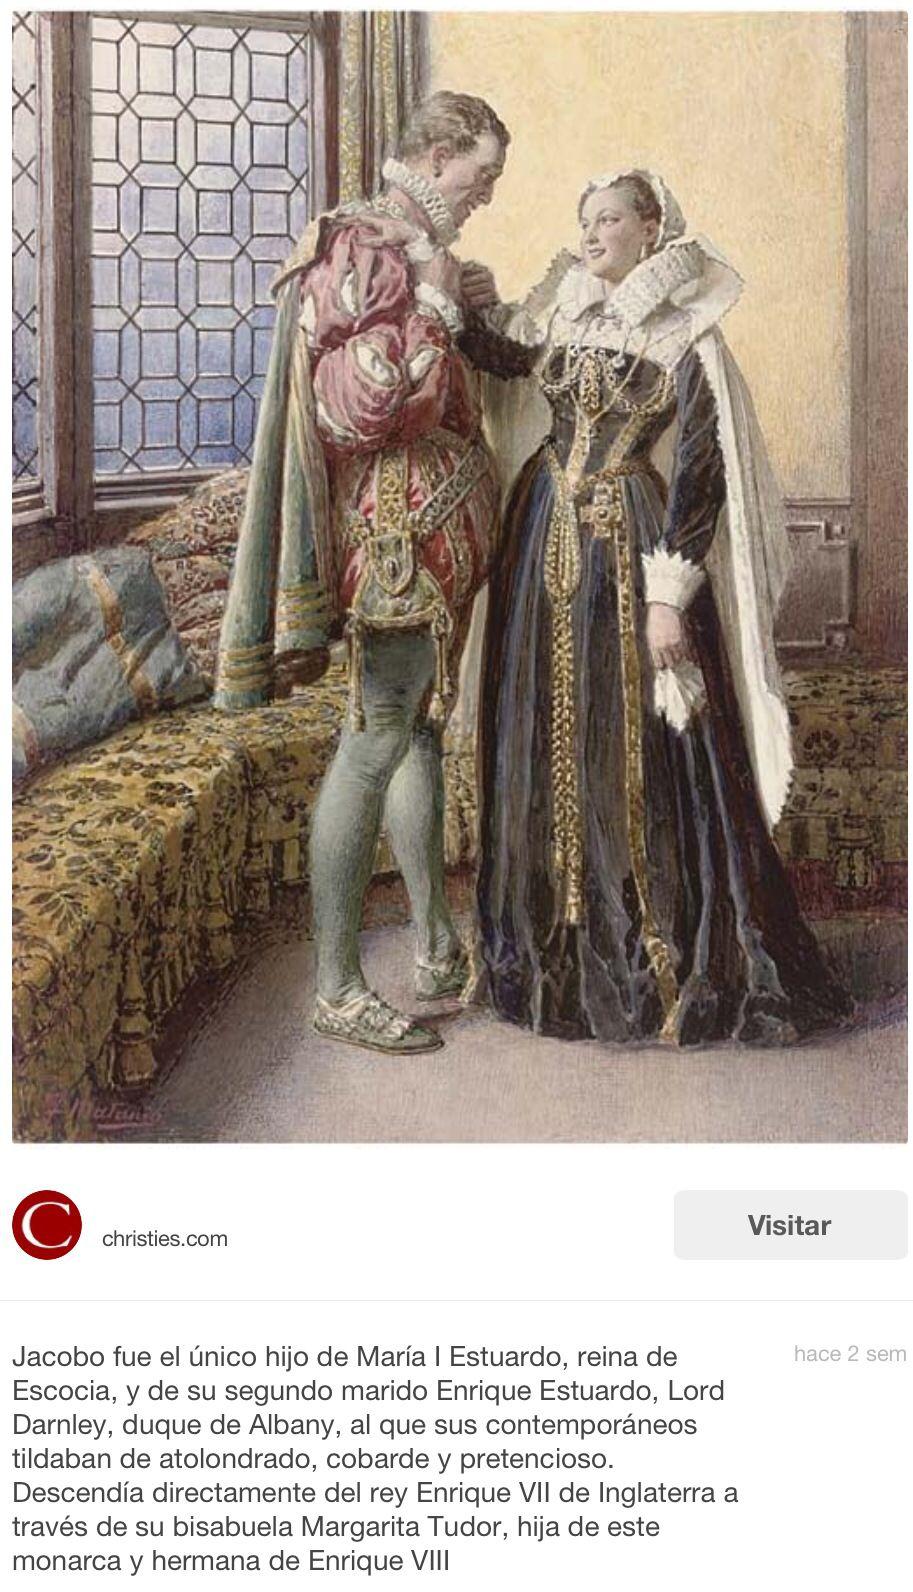 .... Al morir su esposo, Mary queda viuda nuevamente...Su hijo por los dos lados puede llegar a ser por derecho propio rey de Inglaterra...pero primero esta ELLA!...no falta quien la apoye...!